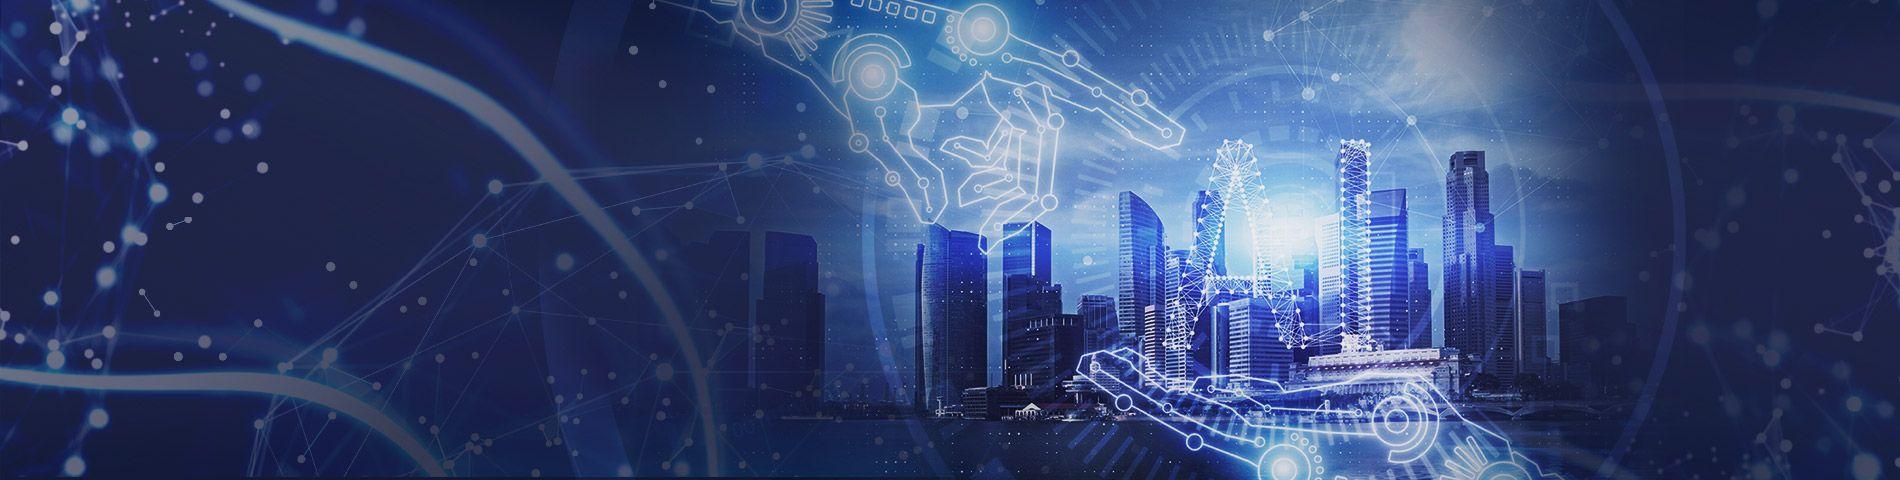 の専門家 薄膜技術、 あなたと一緒にスマートな未来に向けて